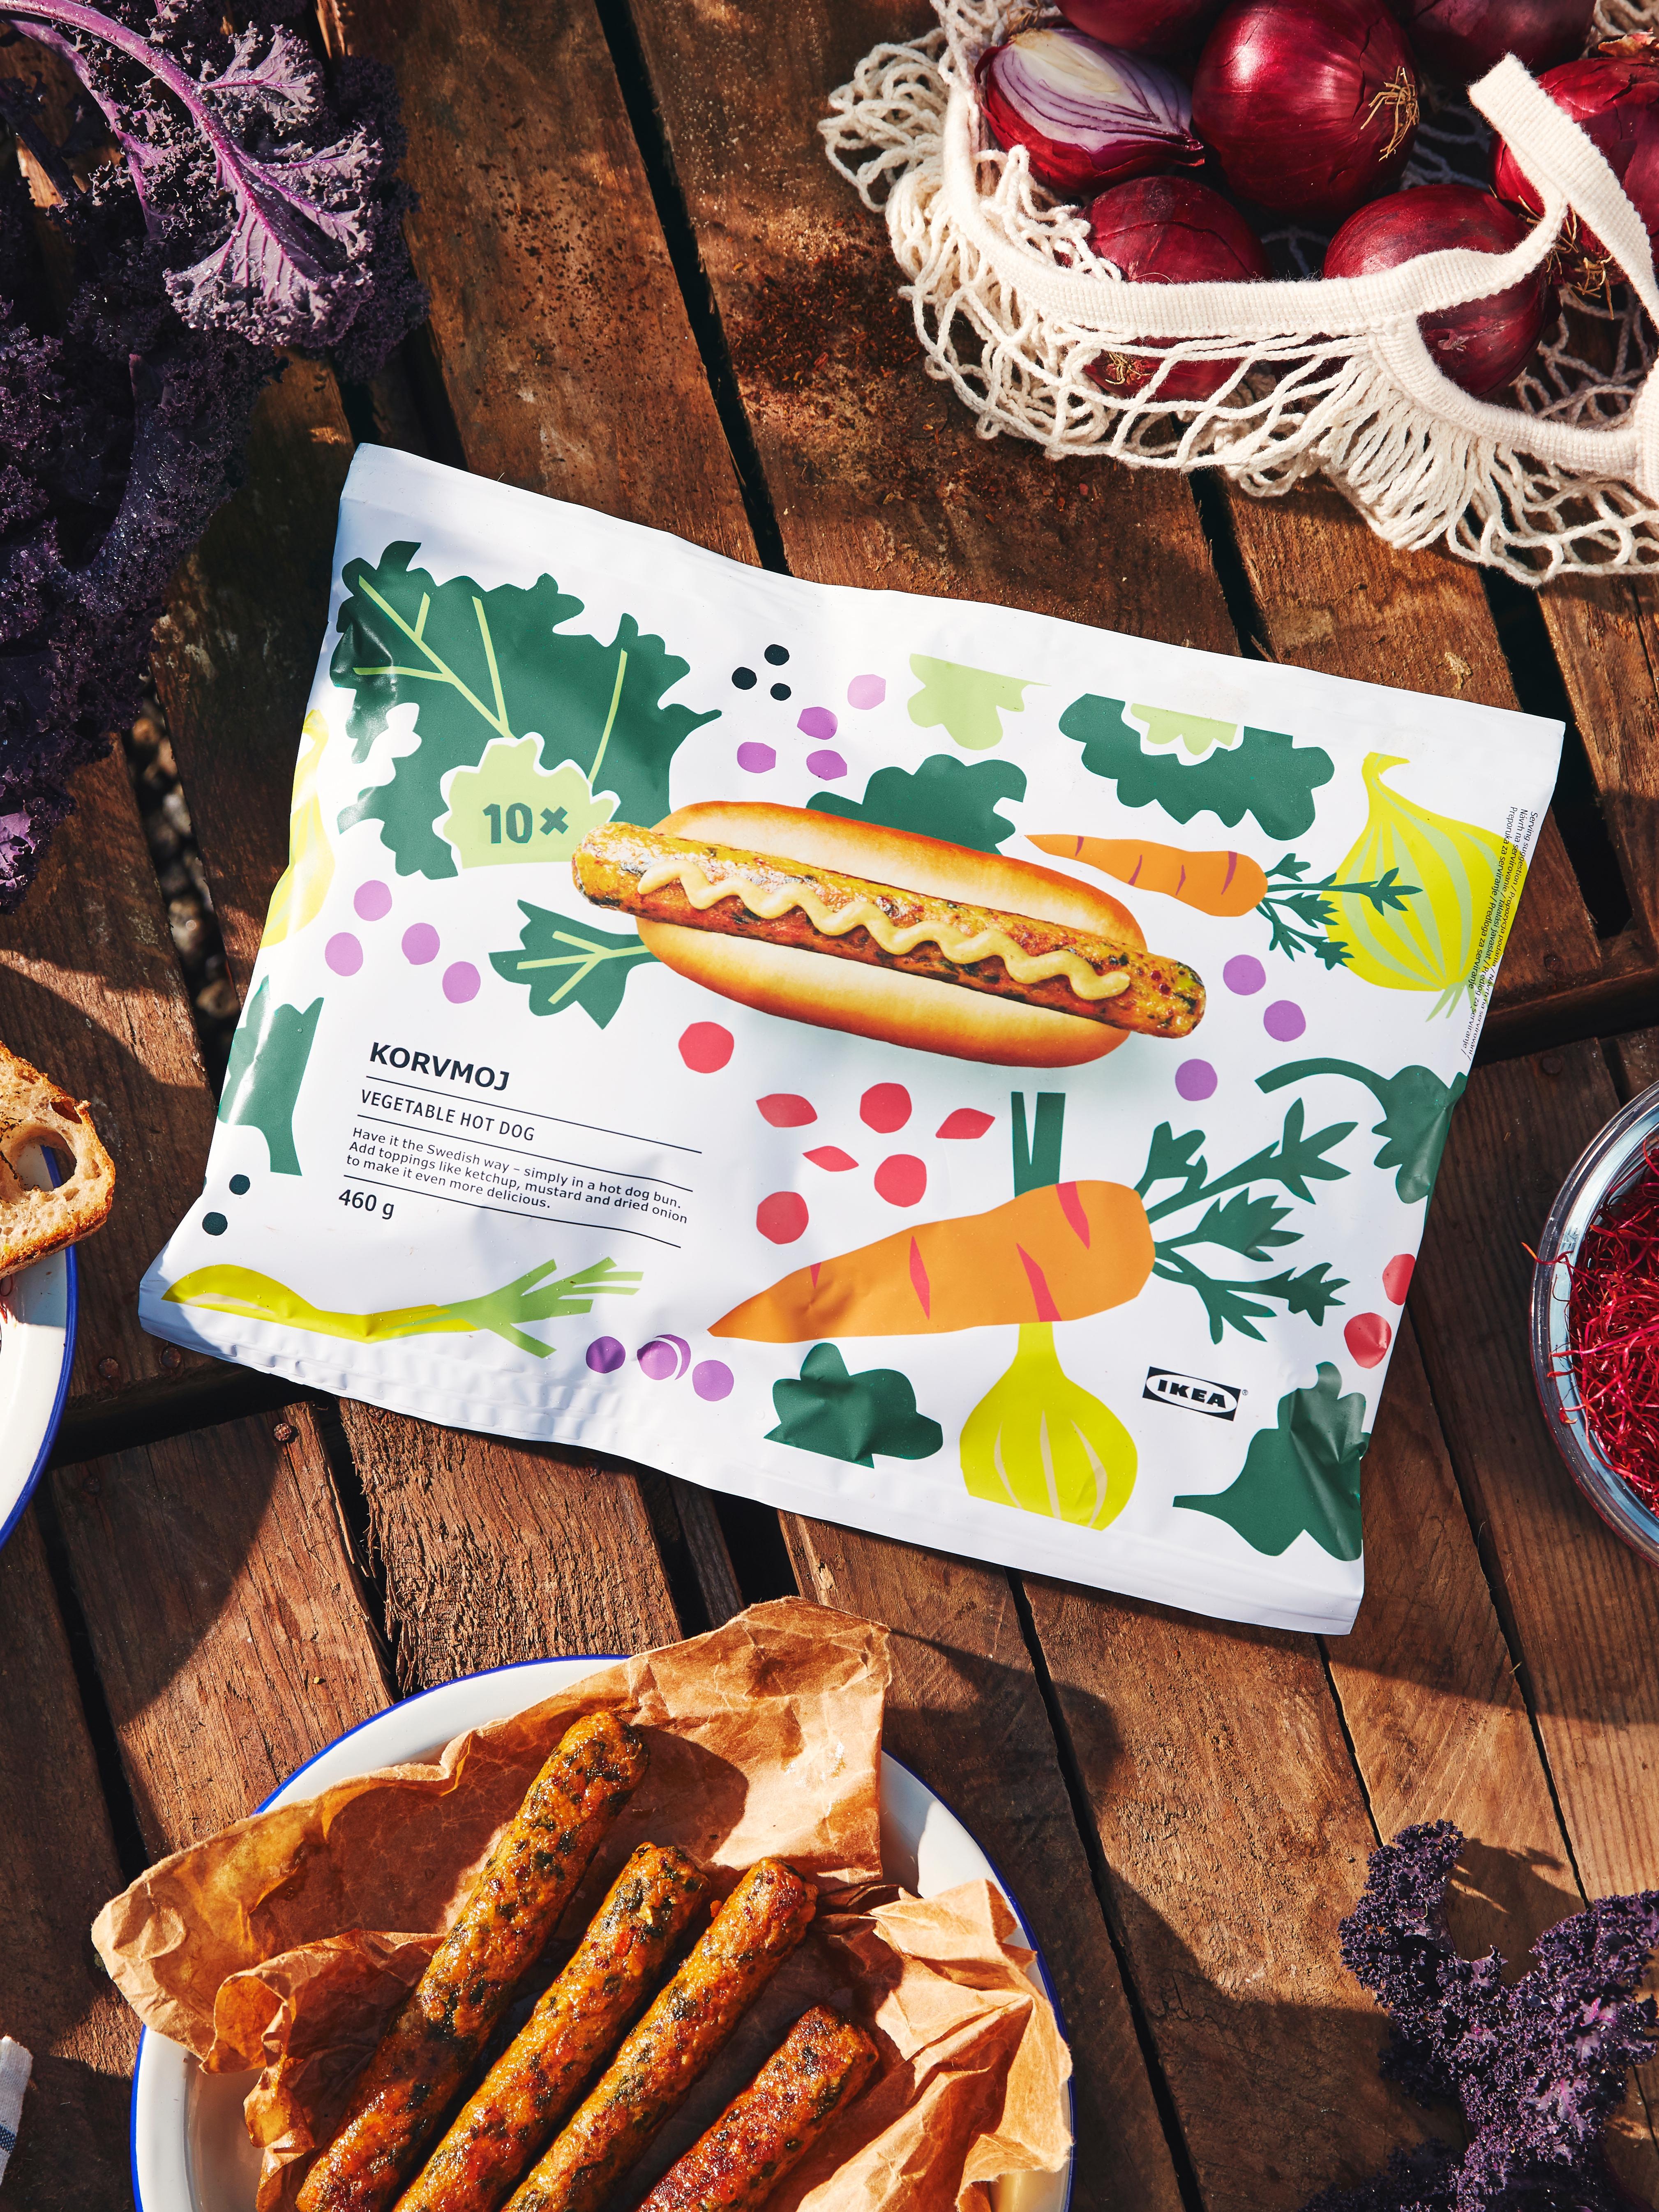 Puna vrećica KORVMOJ hrenovki od povrća na drvenom stolu, uz tanjur hrenovki, vrećicu luka i komadiće kelja.